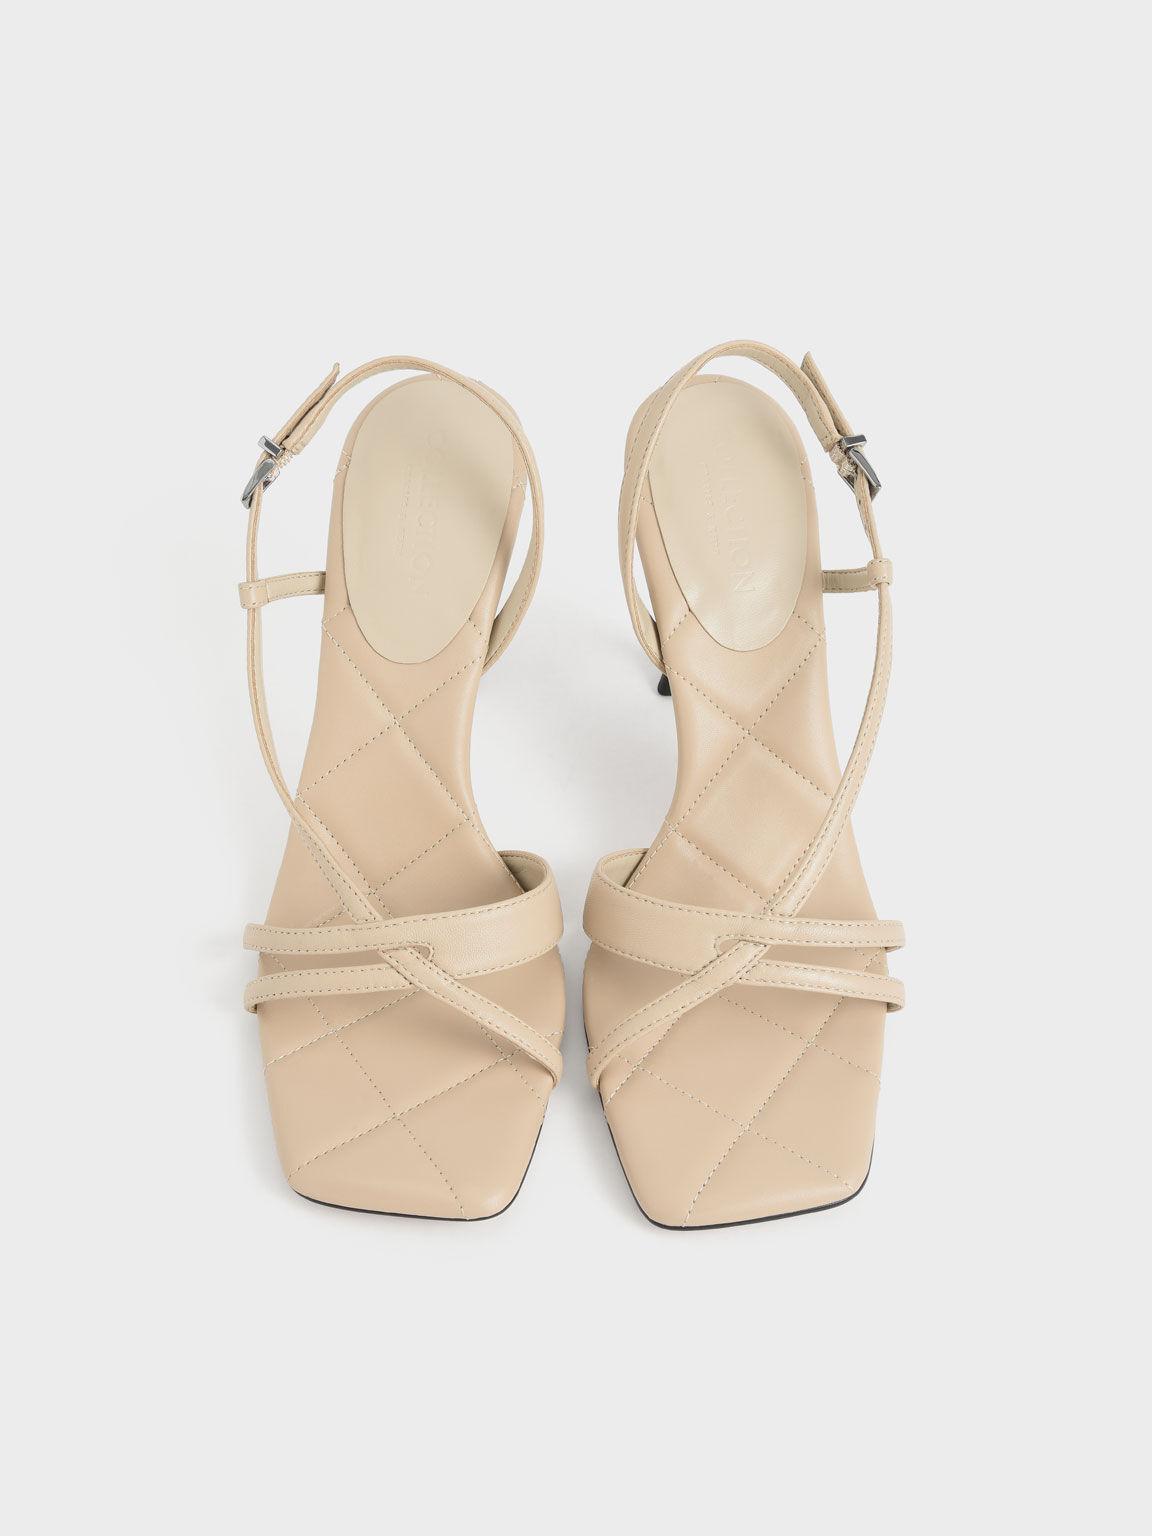 Leather Sculptural Heel Sandals, Chalk, hi-res